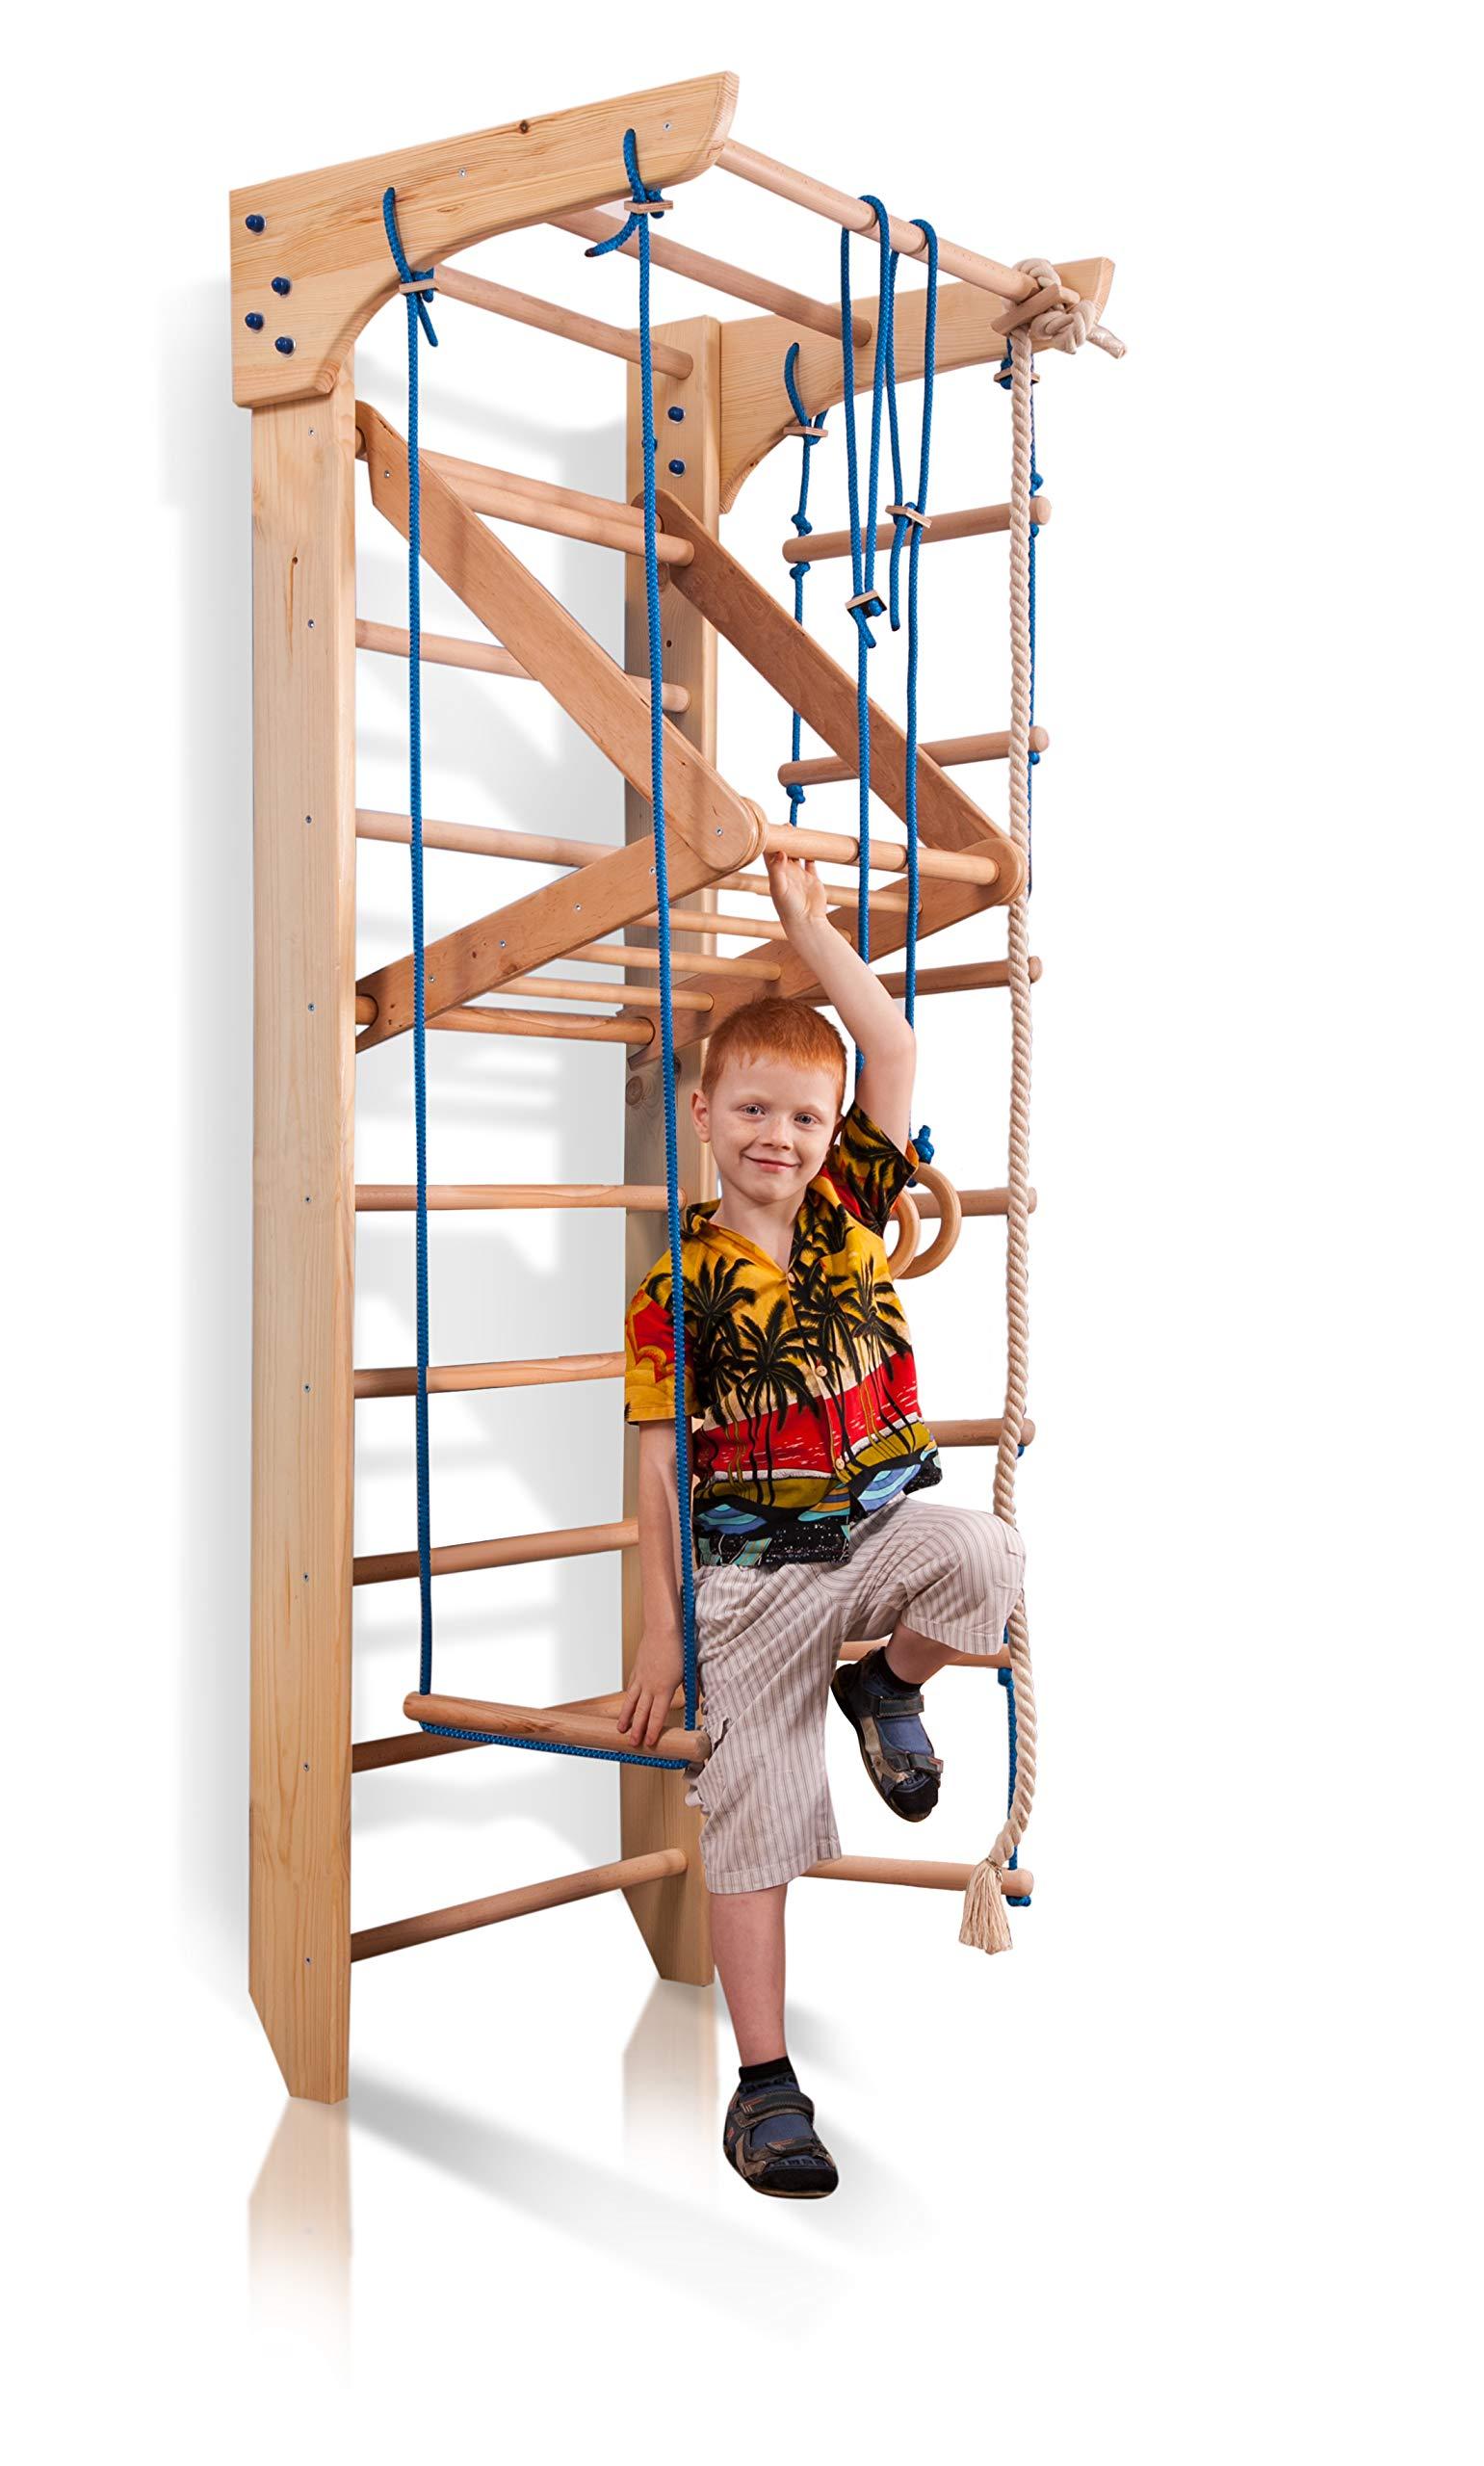 Escalera Sueca Barras de Pared Kinder-4-240, Gimnasia de los niños en casa, Complejo Deportivo de Gimnasia 220x80: Amazon.es: Juguetes y juegos